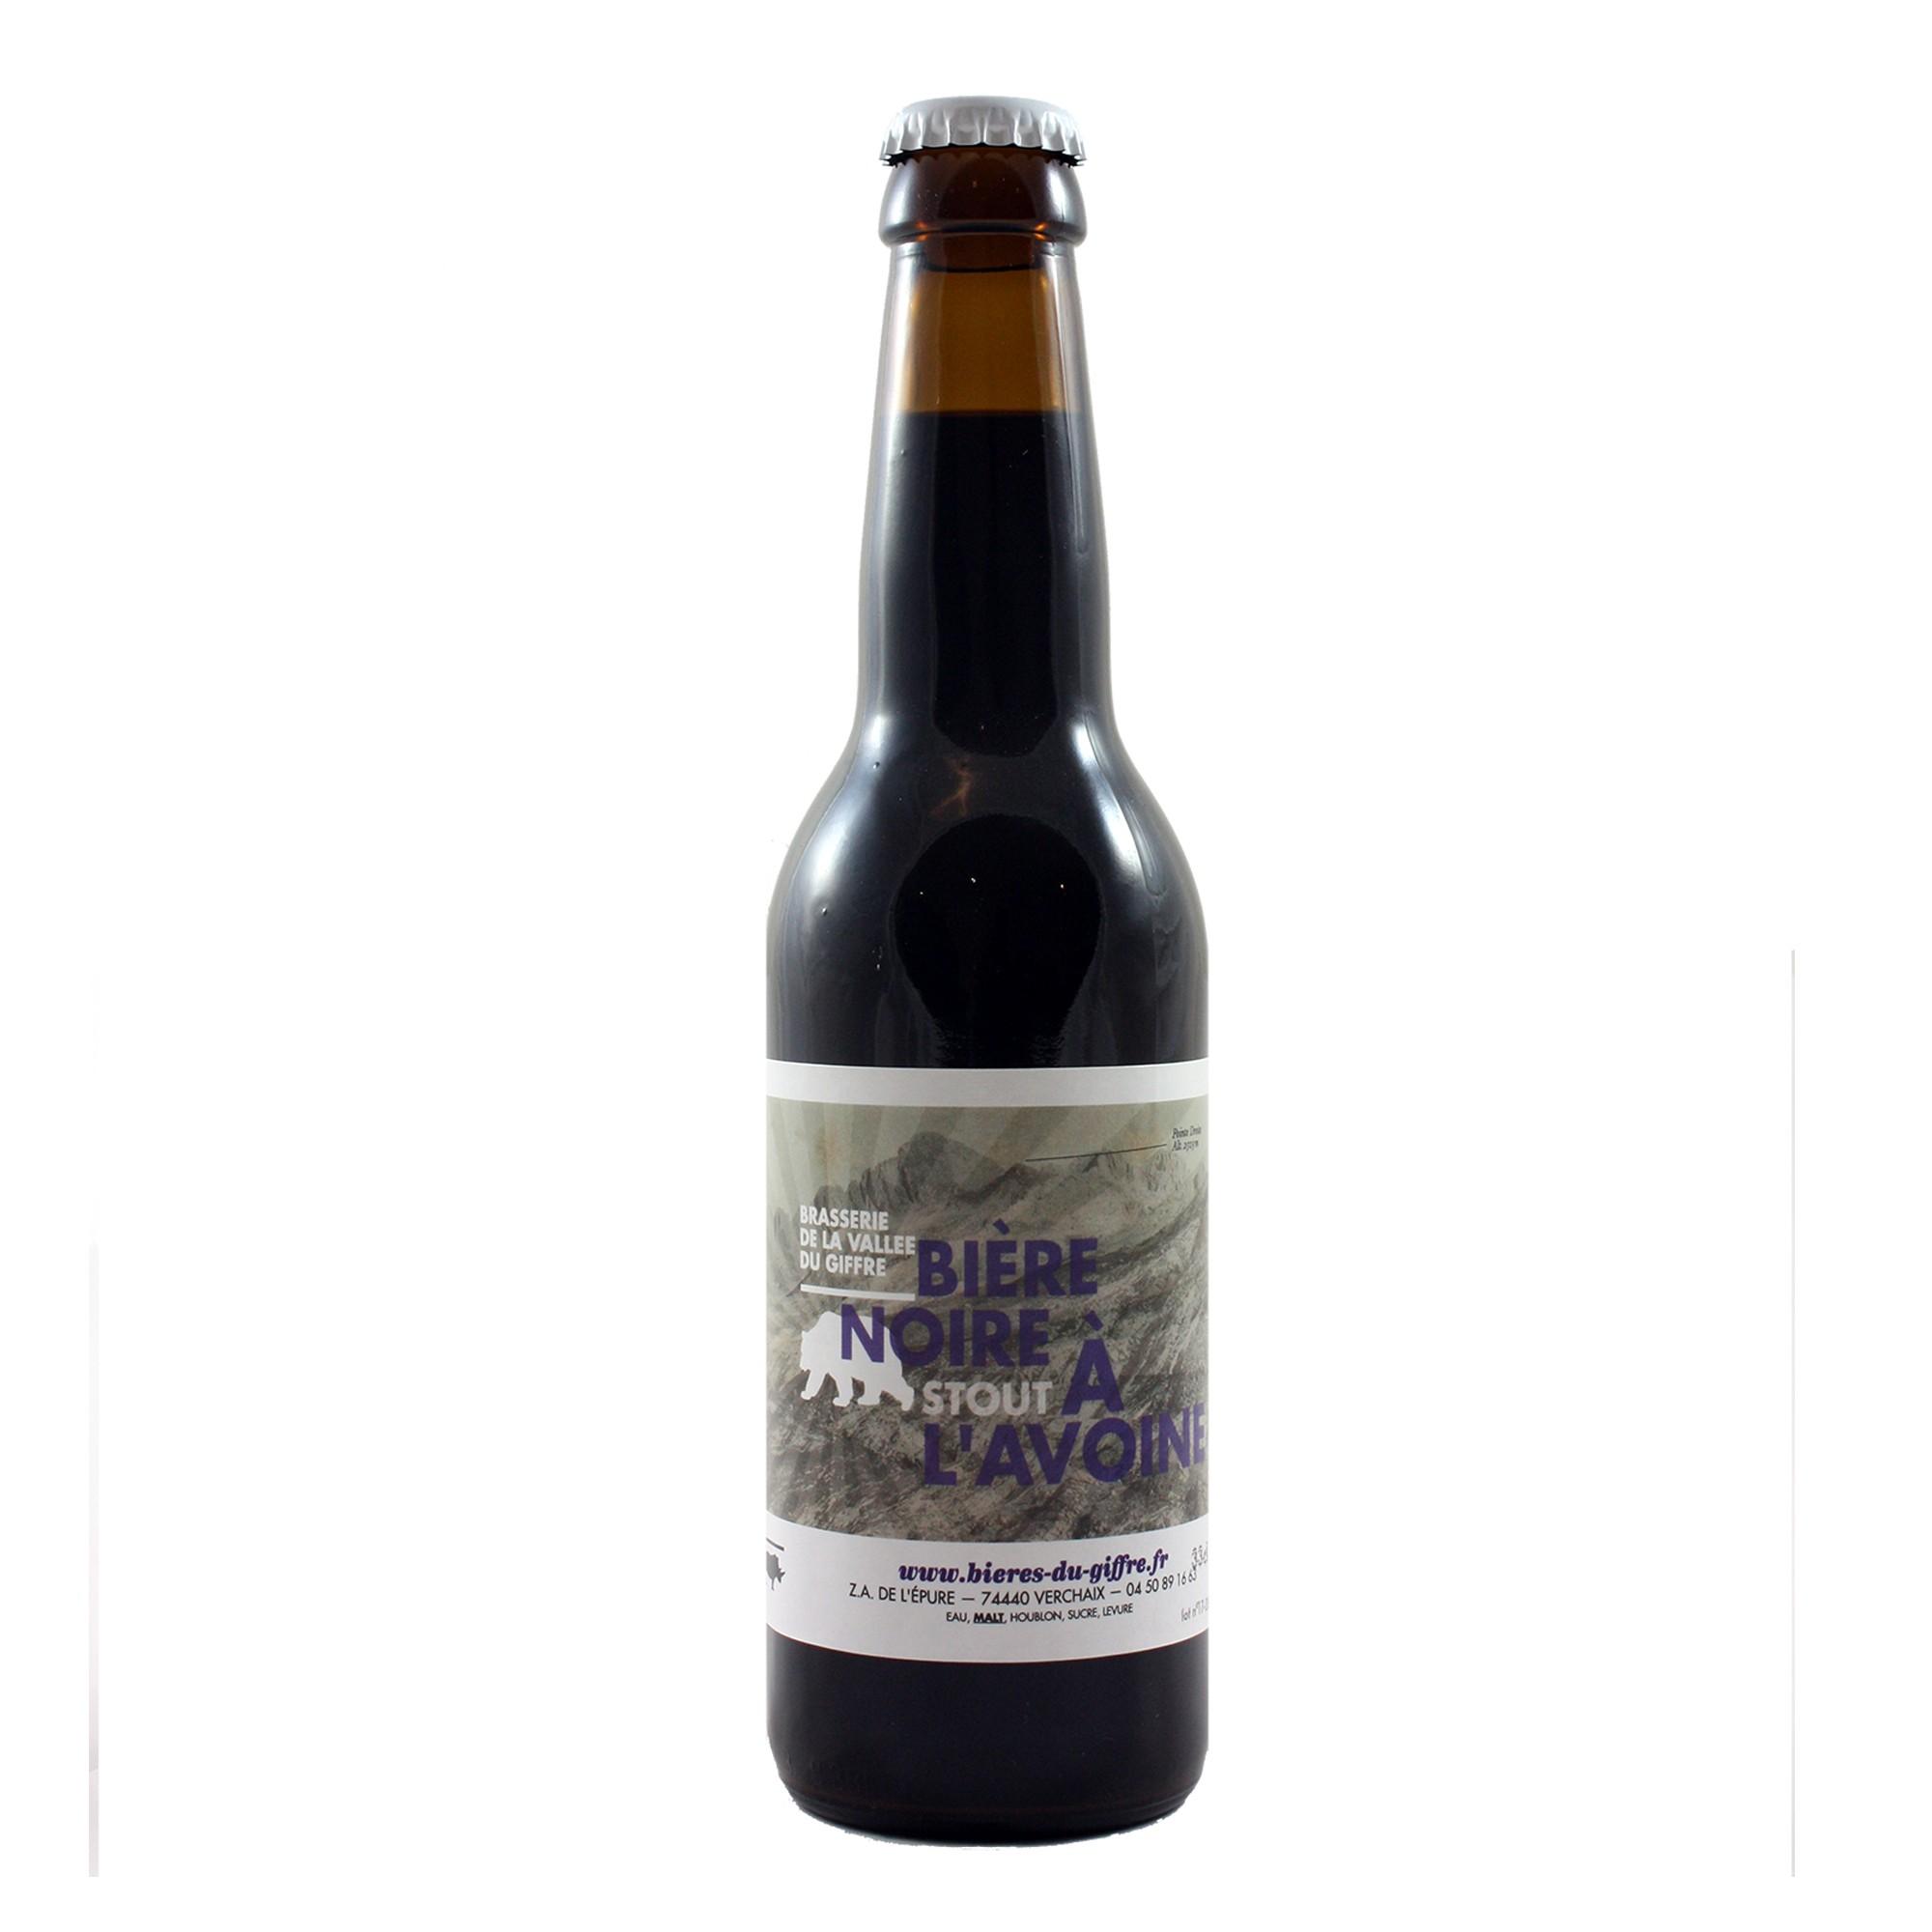 Bière Noire à l'Avoine - 33 cl